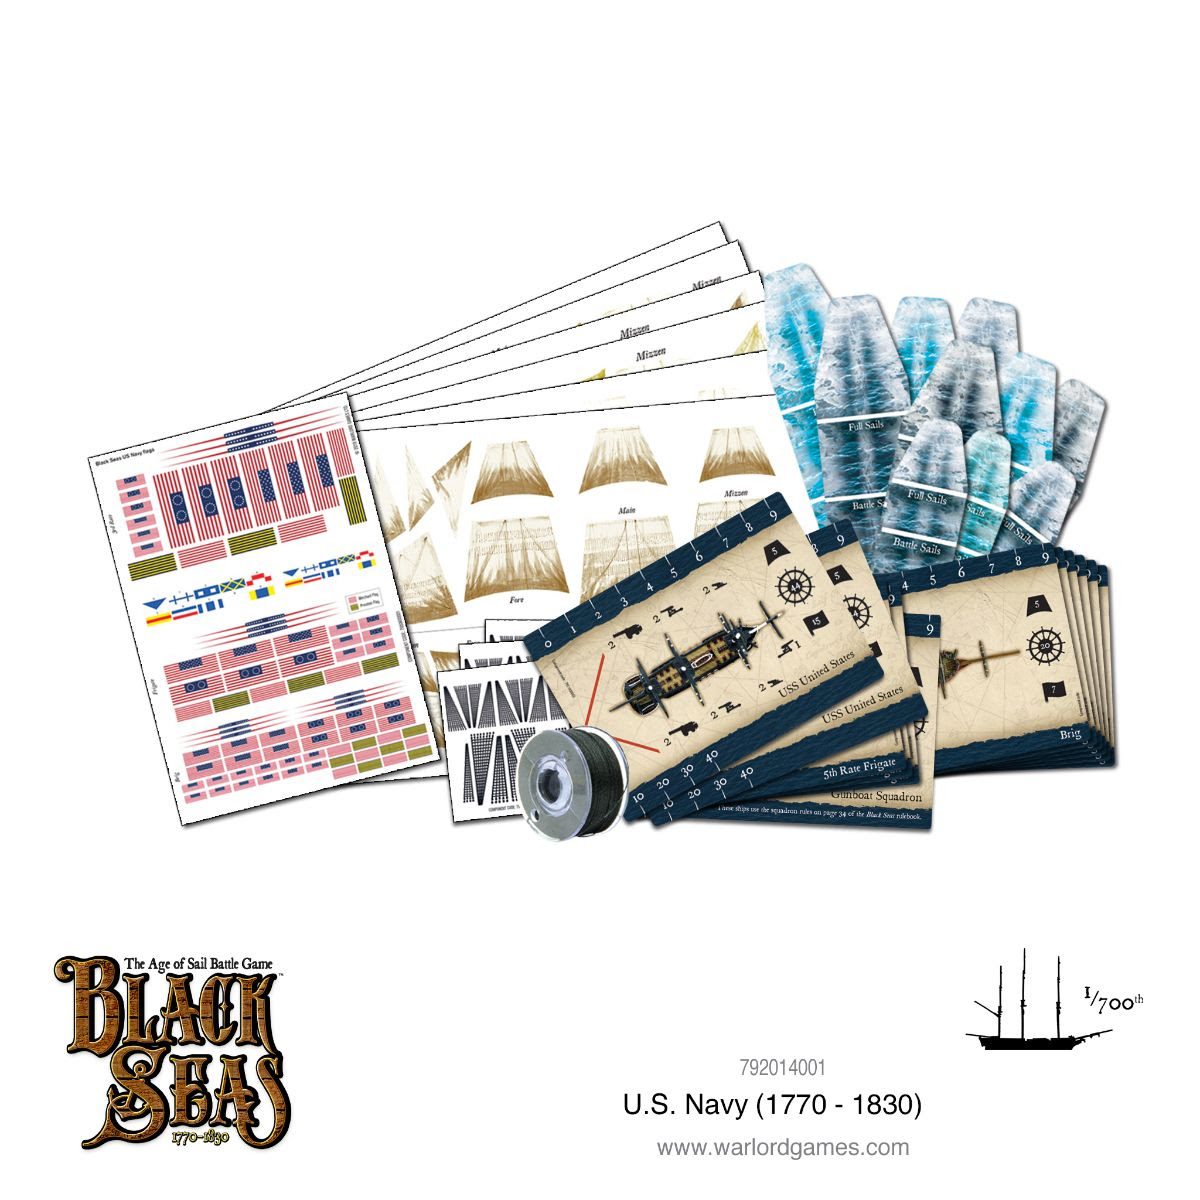 U.S. Navy Fleet (1770 - 1830)